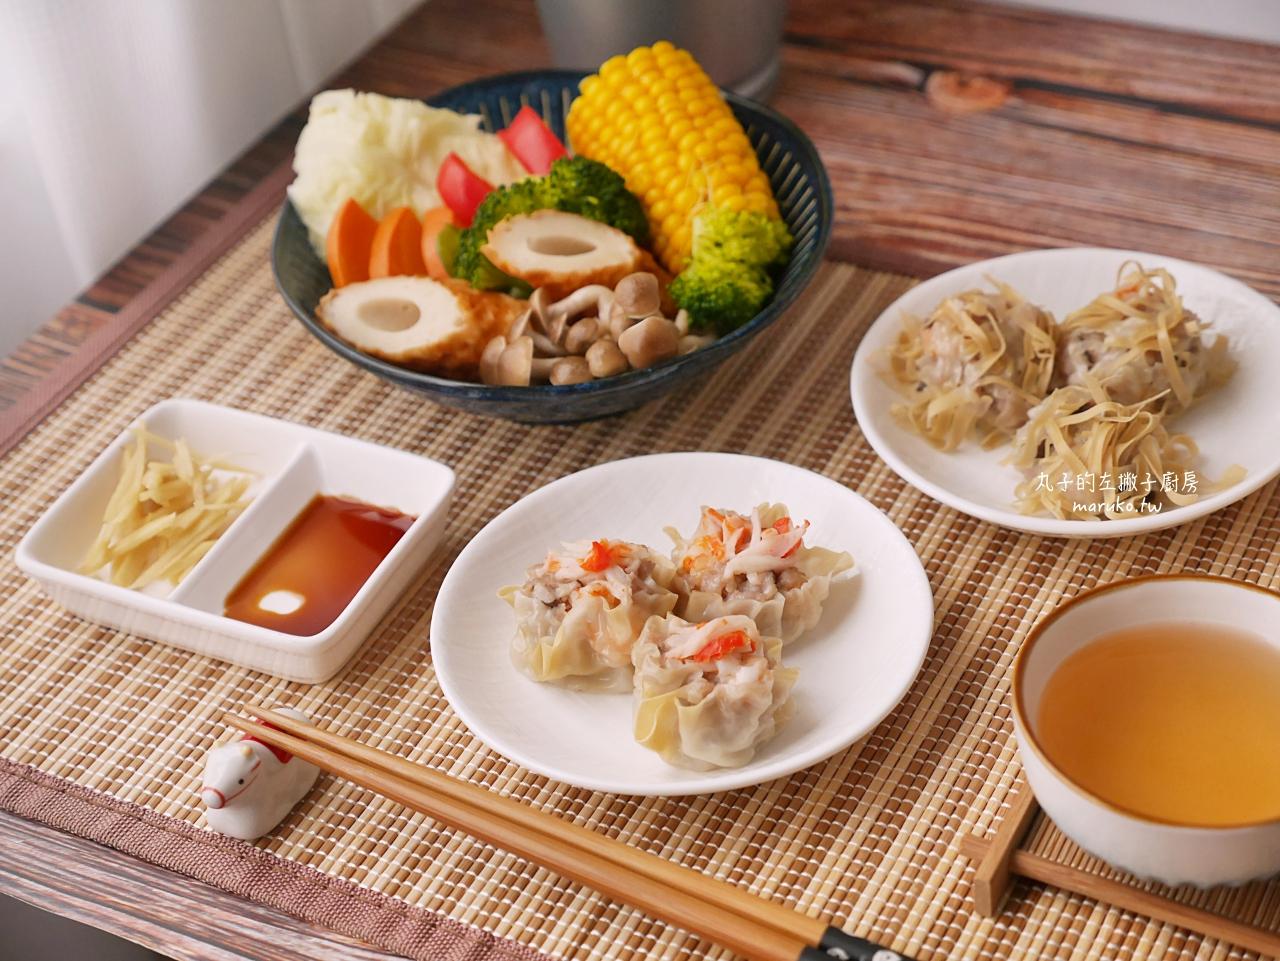 【台南】食在福鍋燒意麵/台南百年老店鴨蛋做的鍋燒意麵/外帶包輕鬆煮 @Maruko與美食有個約會